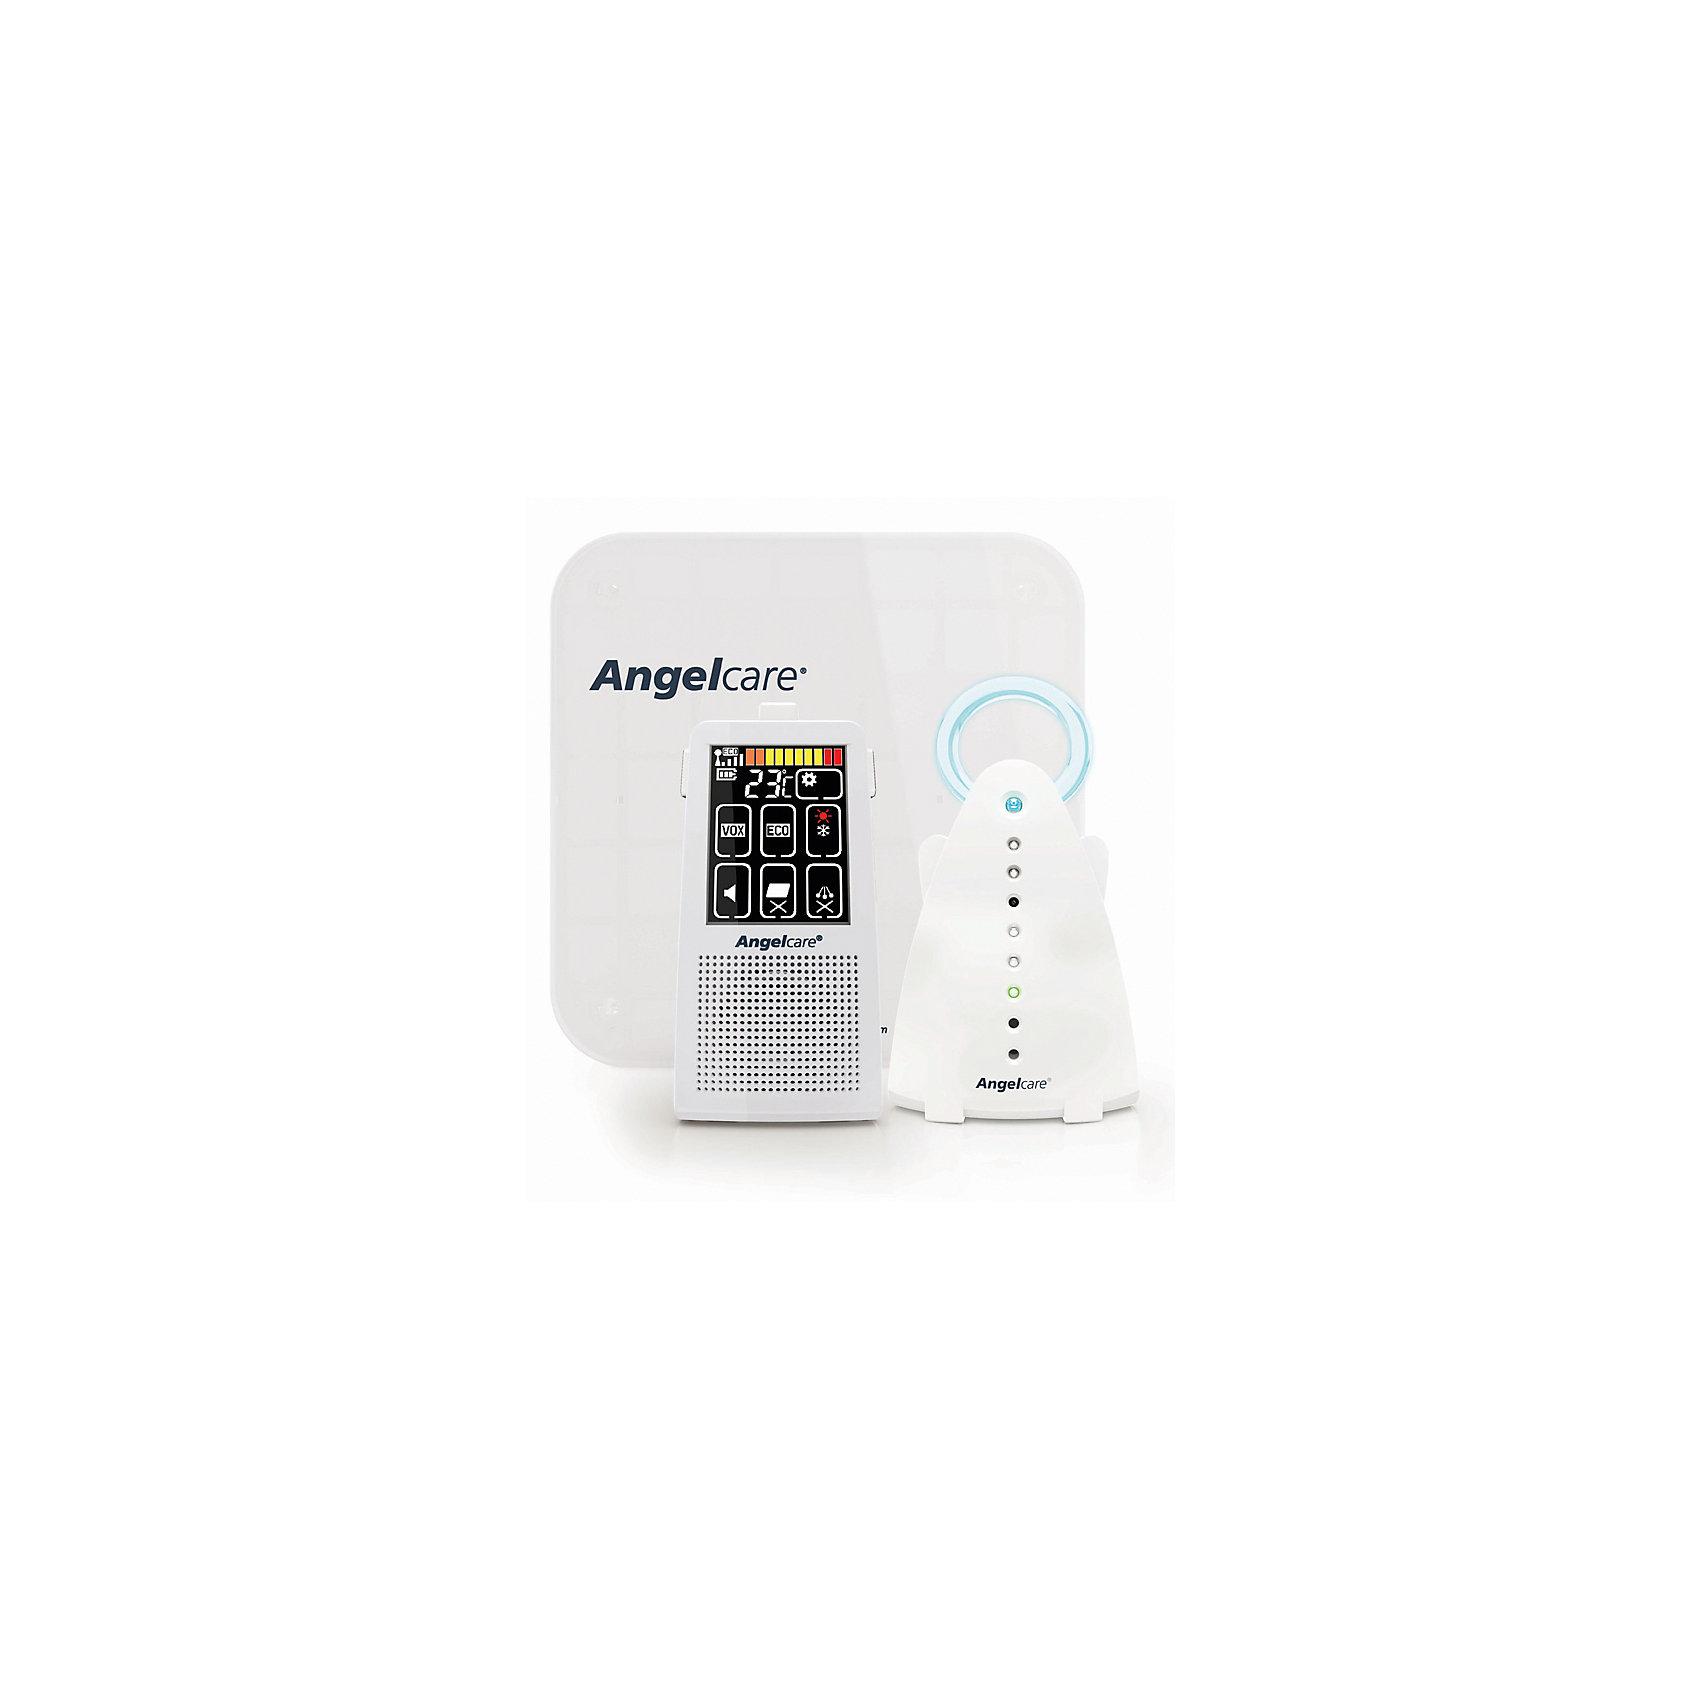 Радионяня сенсорная с монитором дыхания AC701, AngelcareДетская бытовая техника<br>Сенсорная радионяня с монитором дыхания AC701 , AngelCare - прекрасный вариант для малышей и их родителей! Все настройки регулируются на сенсорном экране родительского блока в интуитивно-понятном интерфейсе. <br>Специальный датчик Sensor Pad располагается под матрасом и улавливает каждое движение и дыхание малыша. Тревожный сигнал звучит через 20 сек после того, как прибор не уловил ни единого движения ребенка или дыхания крохи.  Датчик безопасен для ребенка, его действие сравнимо с работой пальчиковых батареек. Радионяня позволяет настроить специальный «тикающий» сигнал, воспроизводящий дыхание ребенка. Контролирует и показывает температуру в комнате ребенка на родительском блоке. Оповещает, если температура слишком высокая или низкая. Диапазон температур устанавливается на родительском блоке. <br>Ночник-ангелочек на детском блоке имеет приятное, не раздражающее малыша свечение. Цифровая технология передачи данных исключает помехи, улучшает качество звука. Переносной и перезаряжаемый родительский и детский блоки. Есть клипса для крепления родительского блока на ремне. ECO функция для минимального потребления электроэнергии и излучения.<br><br>Дополнительная информация:<br><br>- Клипса для крепления блока на ремне. <br>- Радиус действия: до 230 м <br>- При полной зарядке, батарея работает до 5 часов.  <br>- Работа детского блока: от сети, от 2 аккумуляторов ААА  (для родительского блока, в комплекте). <br>- Ночник.<br>- Двухсторонняя связь с ребенком.<br>-  Датчик Sensor Pad.<br>- Датчик температуры в детской. <br>- Индикатор выхода за радиус действия.<br>- Индикатор разряда батарейки.<br>- Функция поиска родительского блока. <br>- 3 типа оповещения родителей: звук, свет, вибрация ( возможно совмещения сигналов). <br>- Комплектация: родительский блок, детский блок, сетевой адаптер, 2 аккумулятора. <br><br>Сенсорную радионяню с монитором дыхания AC701 , AngelCare можно купить в нашем м